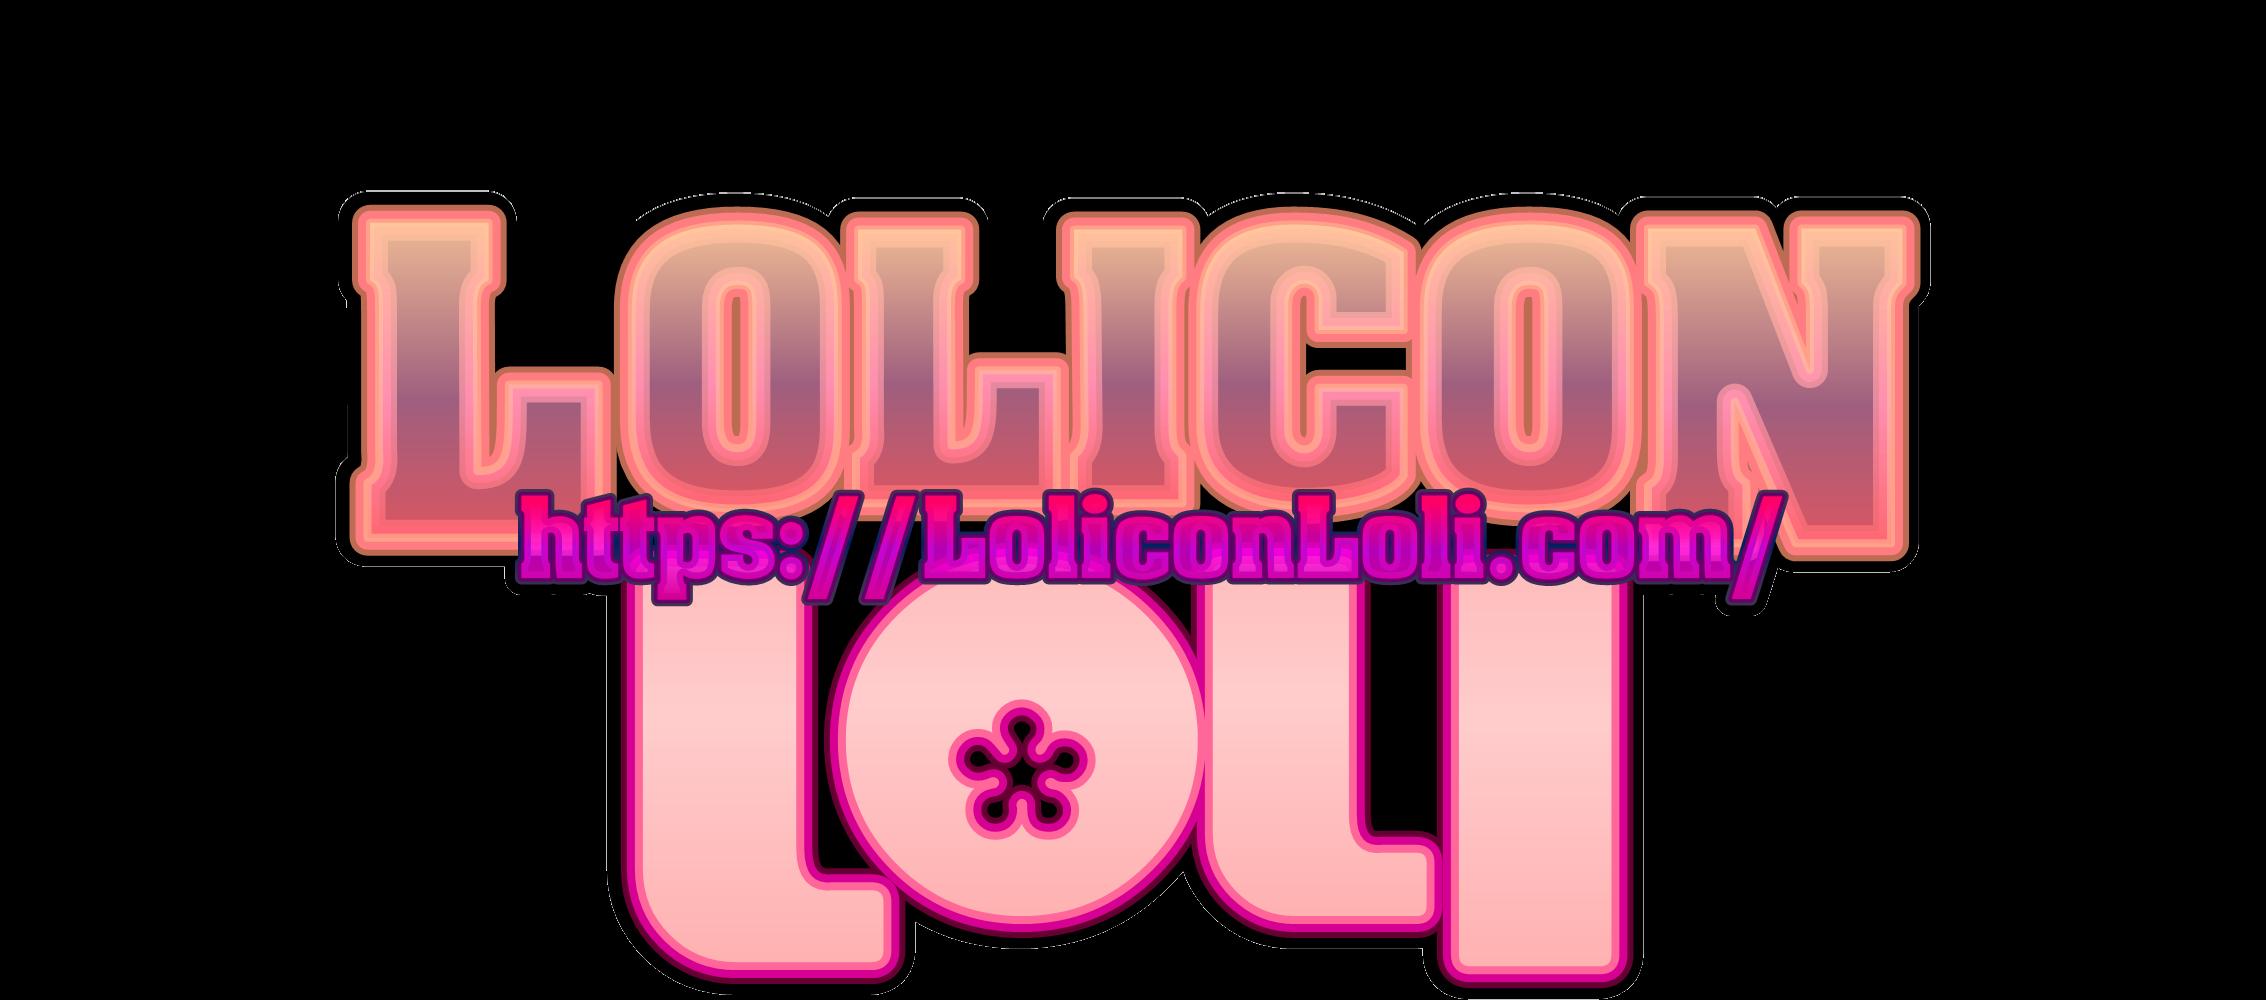 Lolicon Loli hentai art